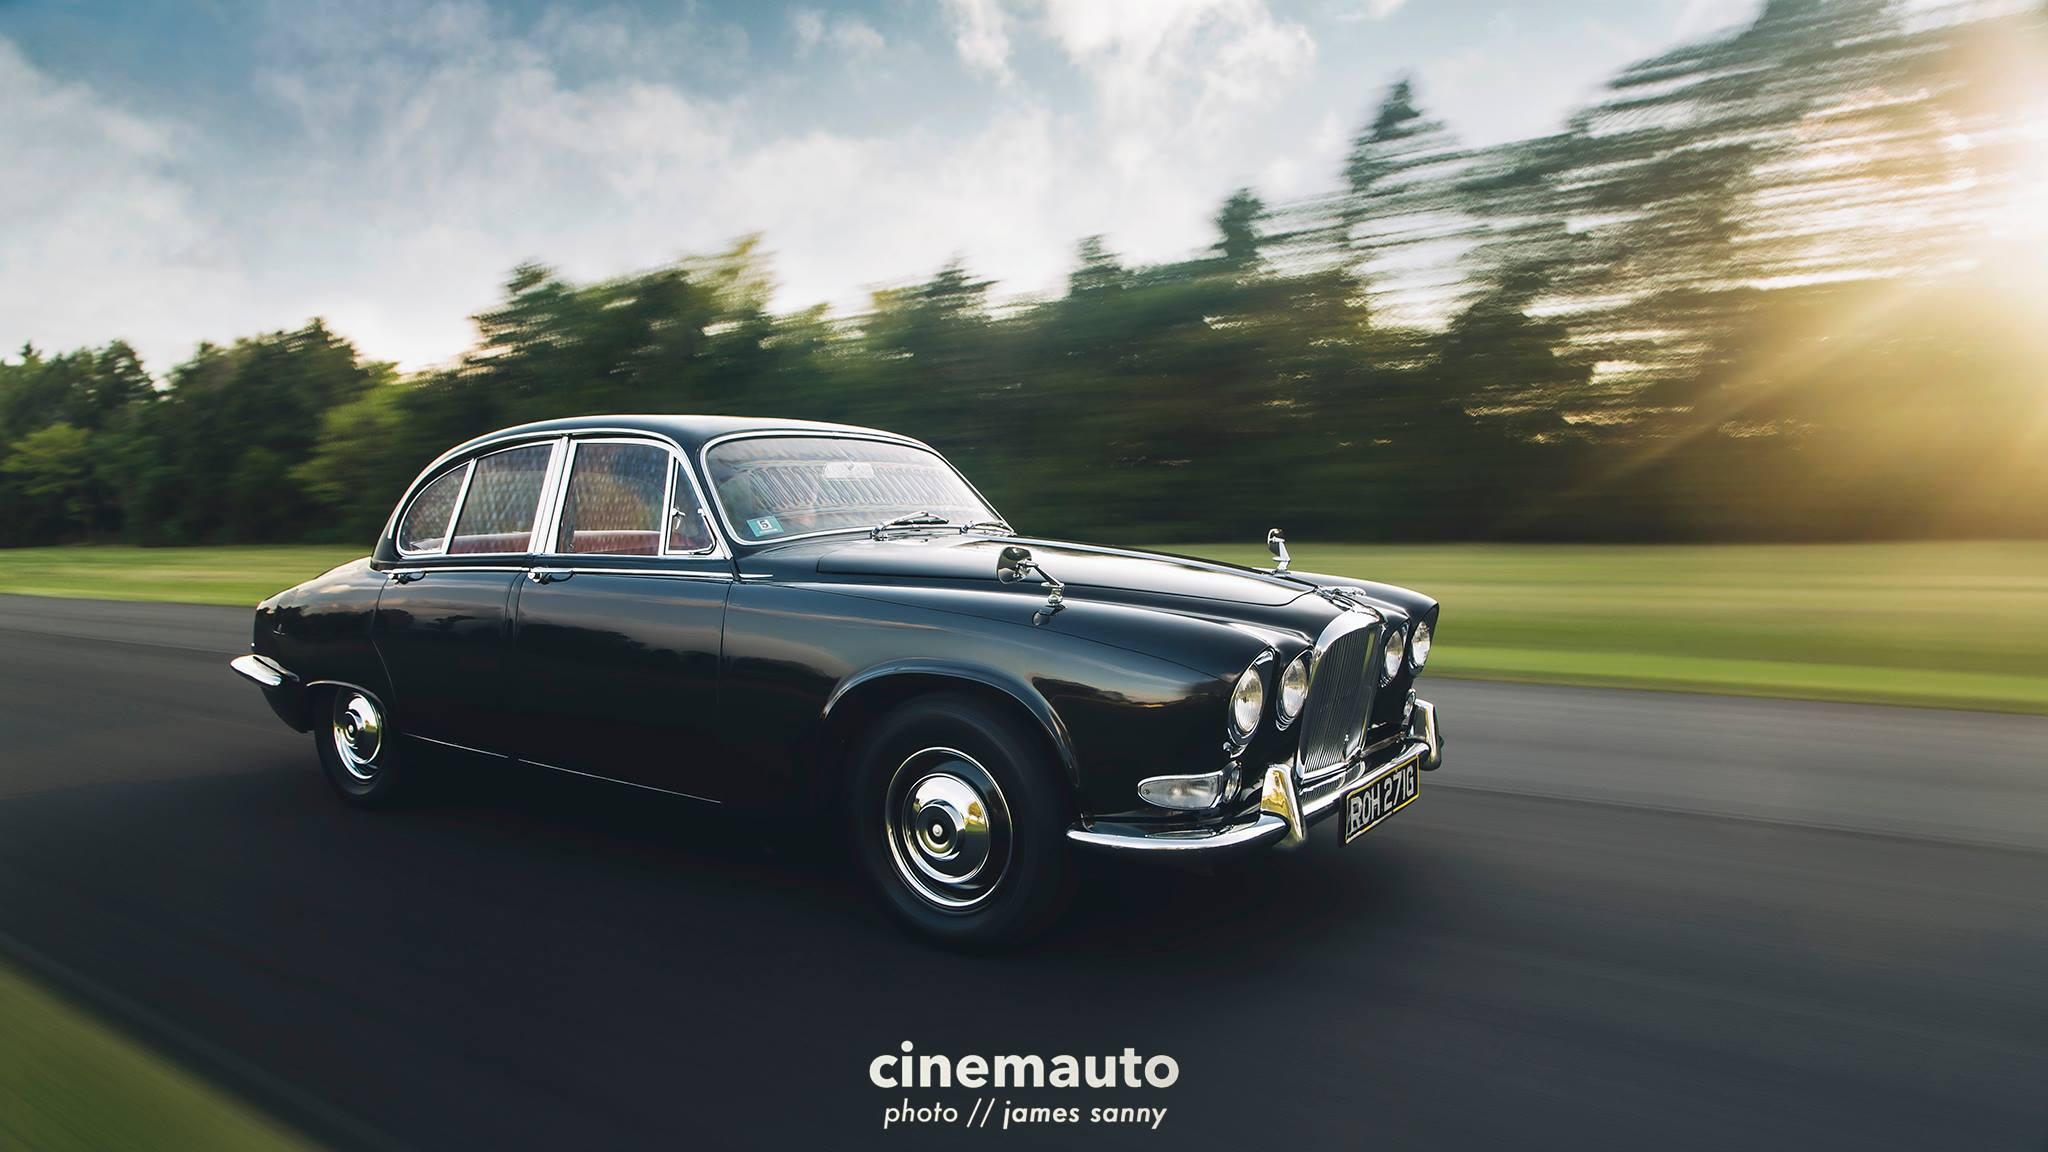 wichita-automotive-photographers-js1.jpg